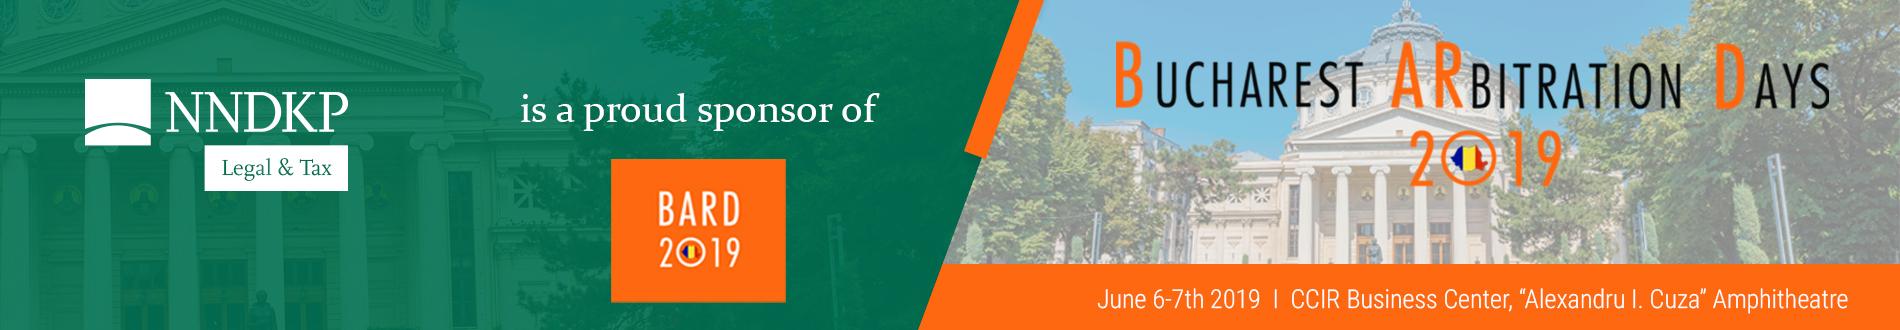 NNDKP-Sponsor-BARD-2019